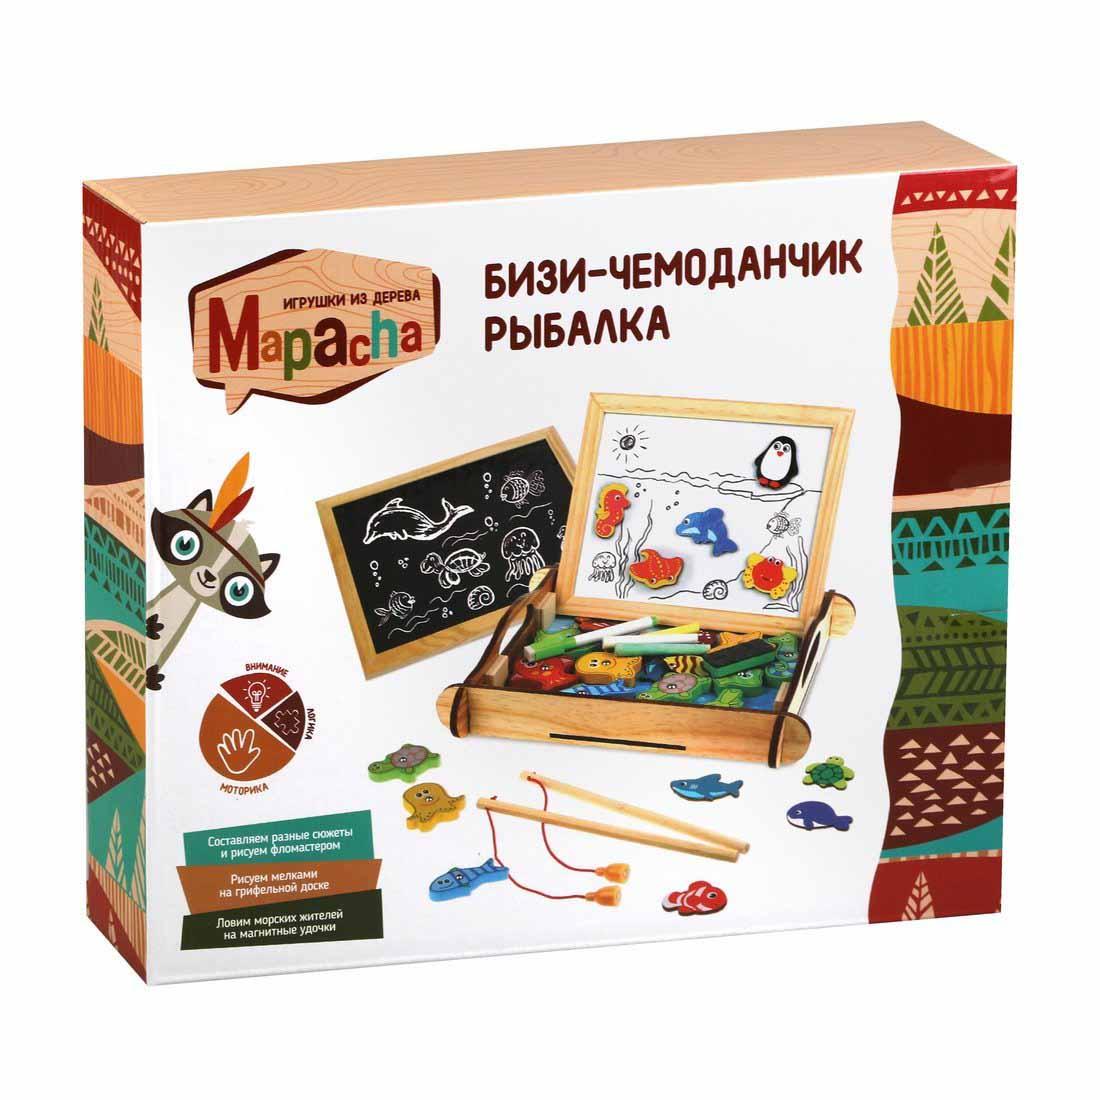 """76842 Бизи-чемоданчик """"Рыбалка"""": доска для рисования, меловая доска, магнитные фигурки и фигурки для рыбалки, удочка"""